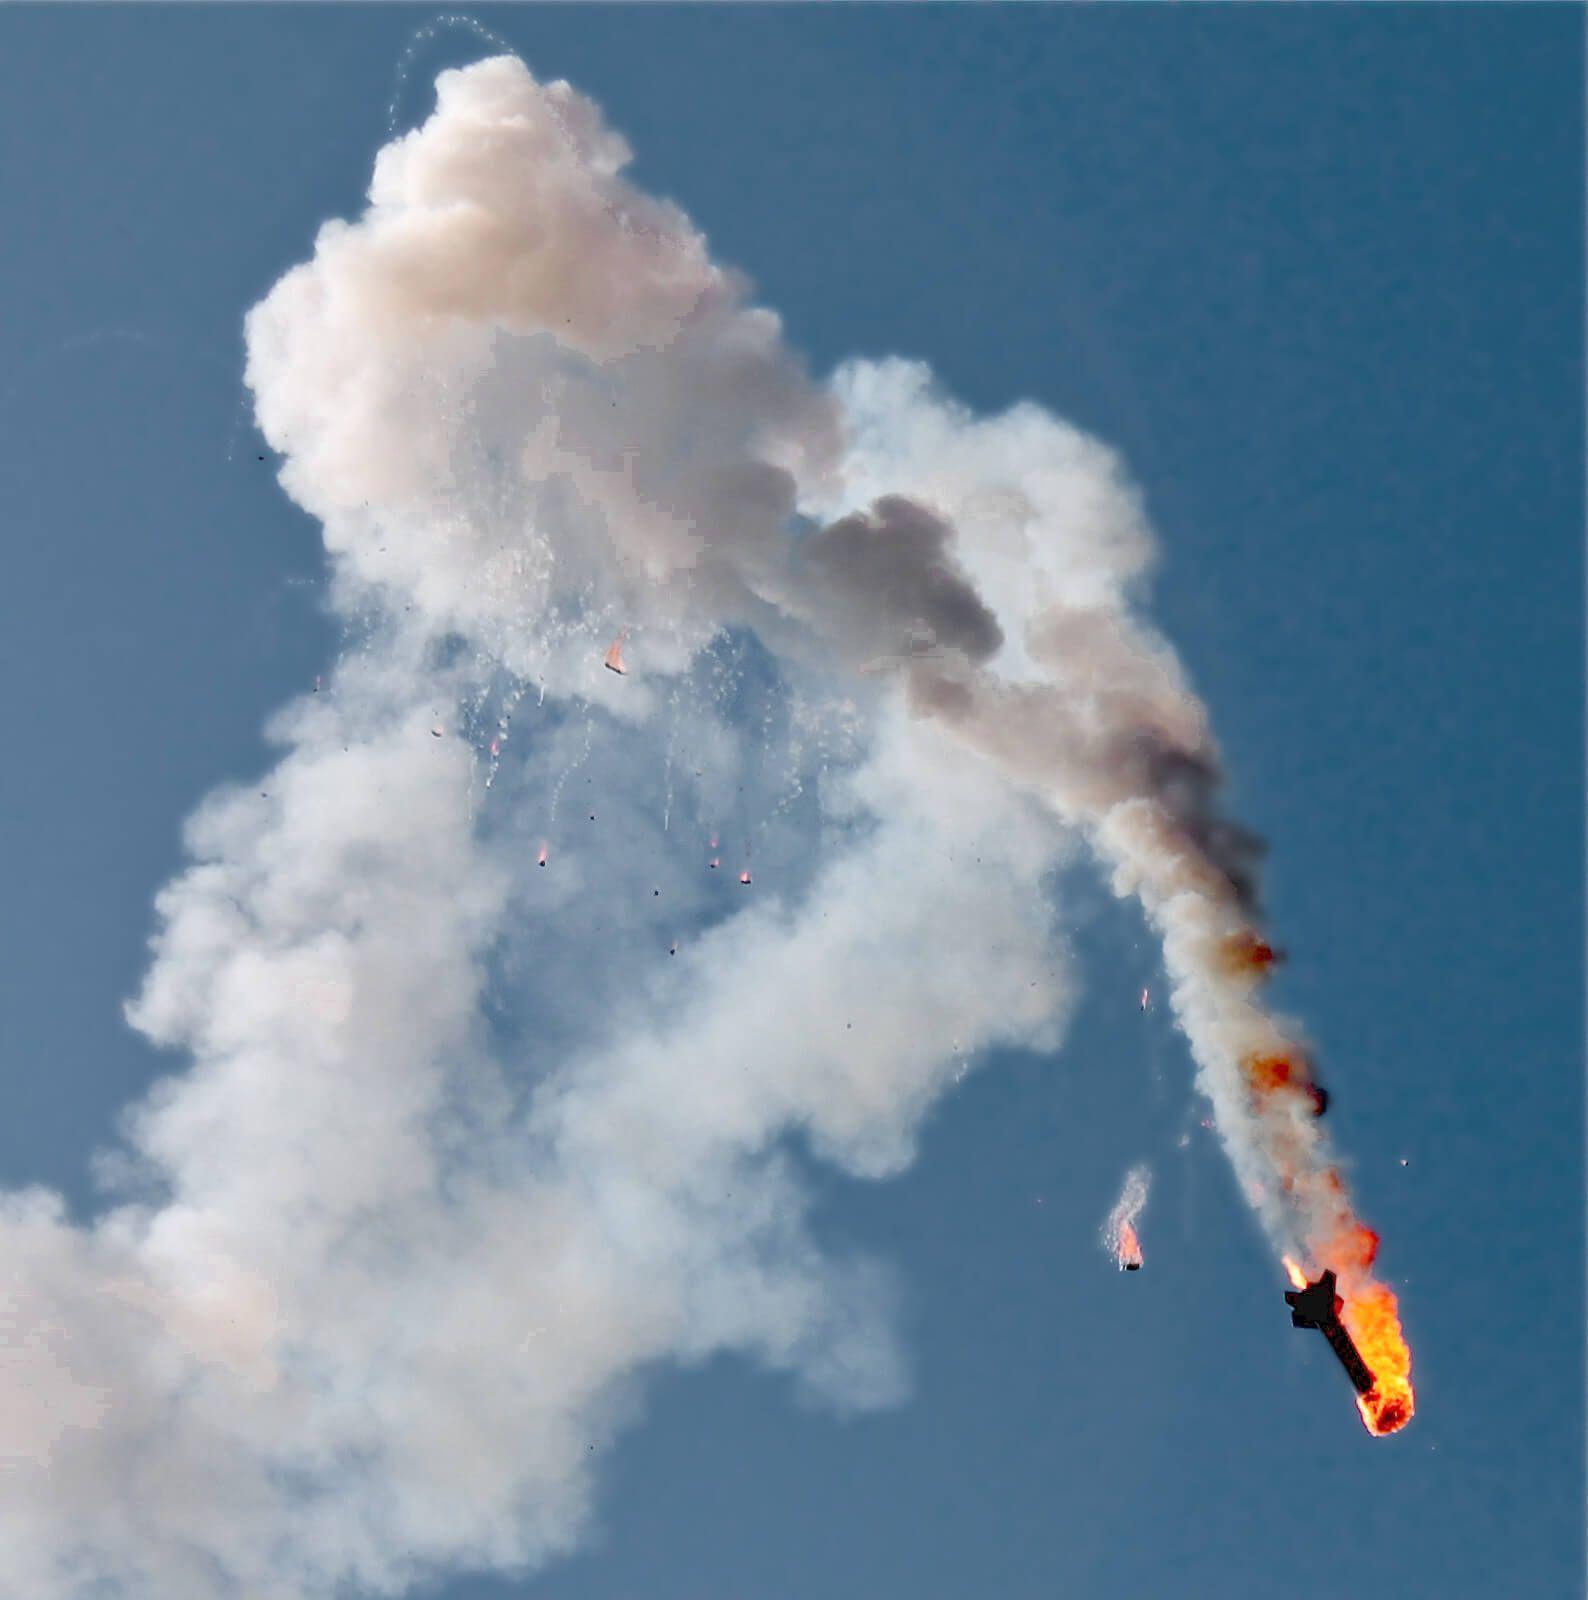 Photographie en contre-plongée de l'incendie en vol et chute d'une fusée